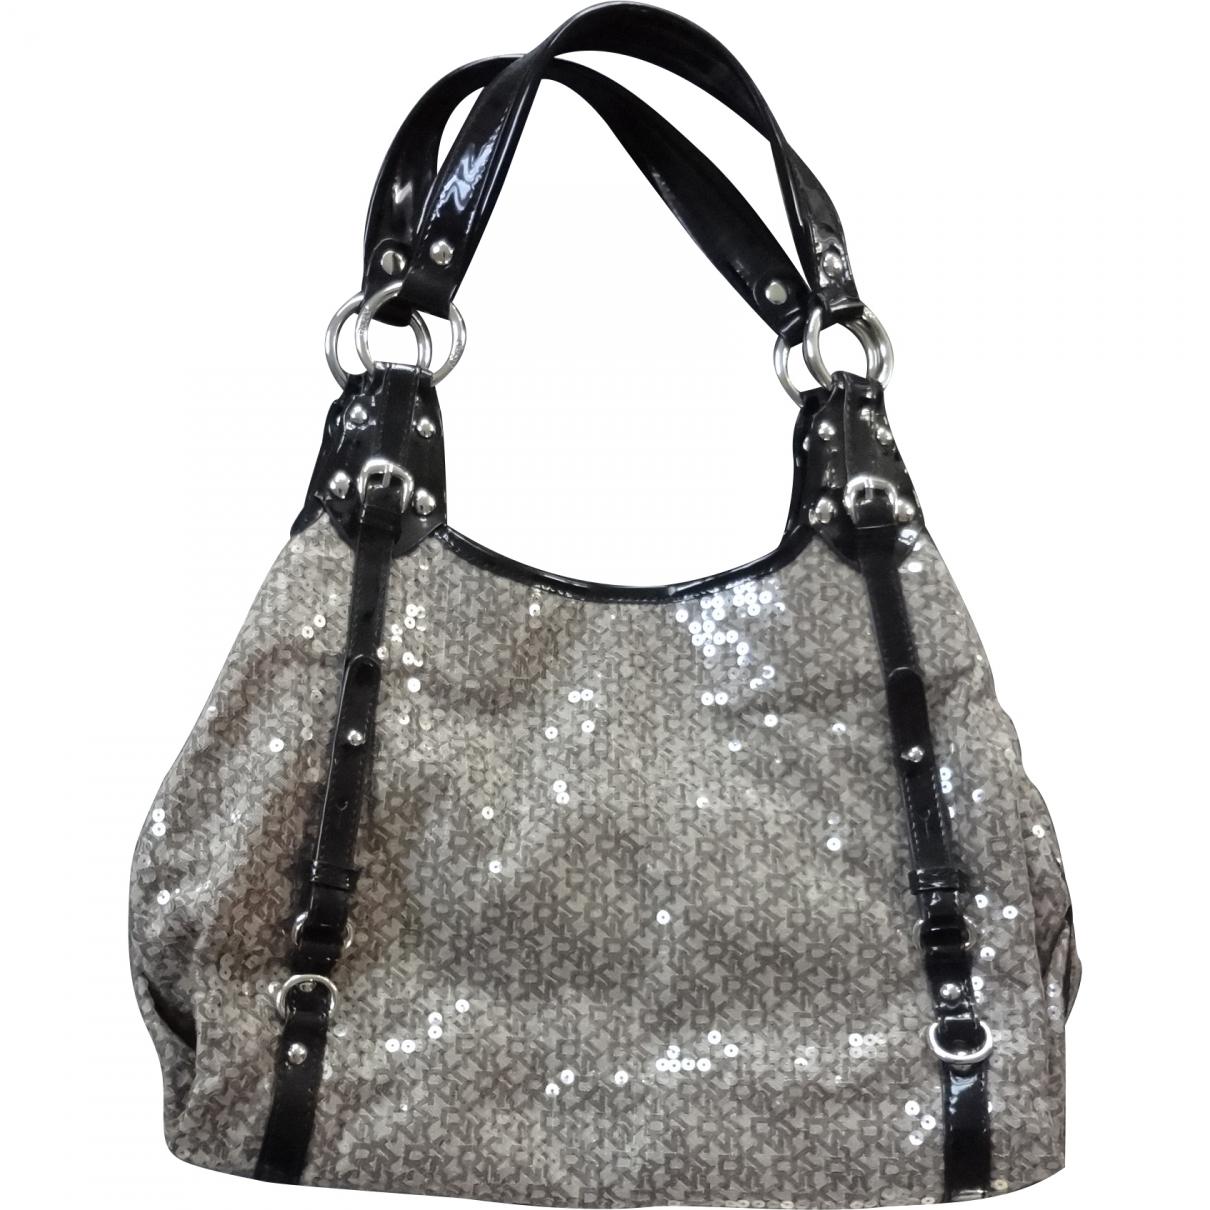 Dkny \N Beige Glitter handbag for Women \N